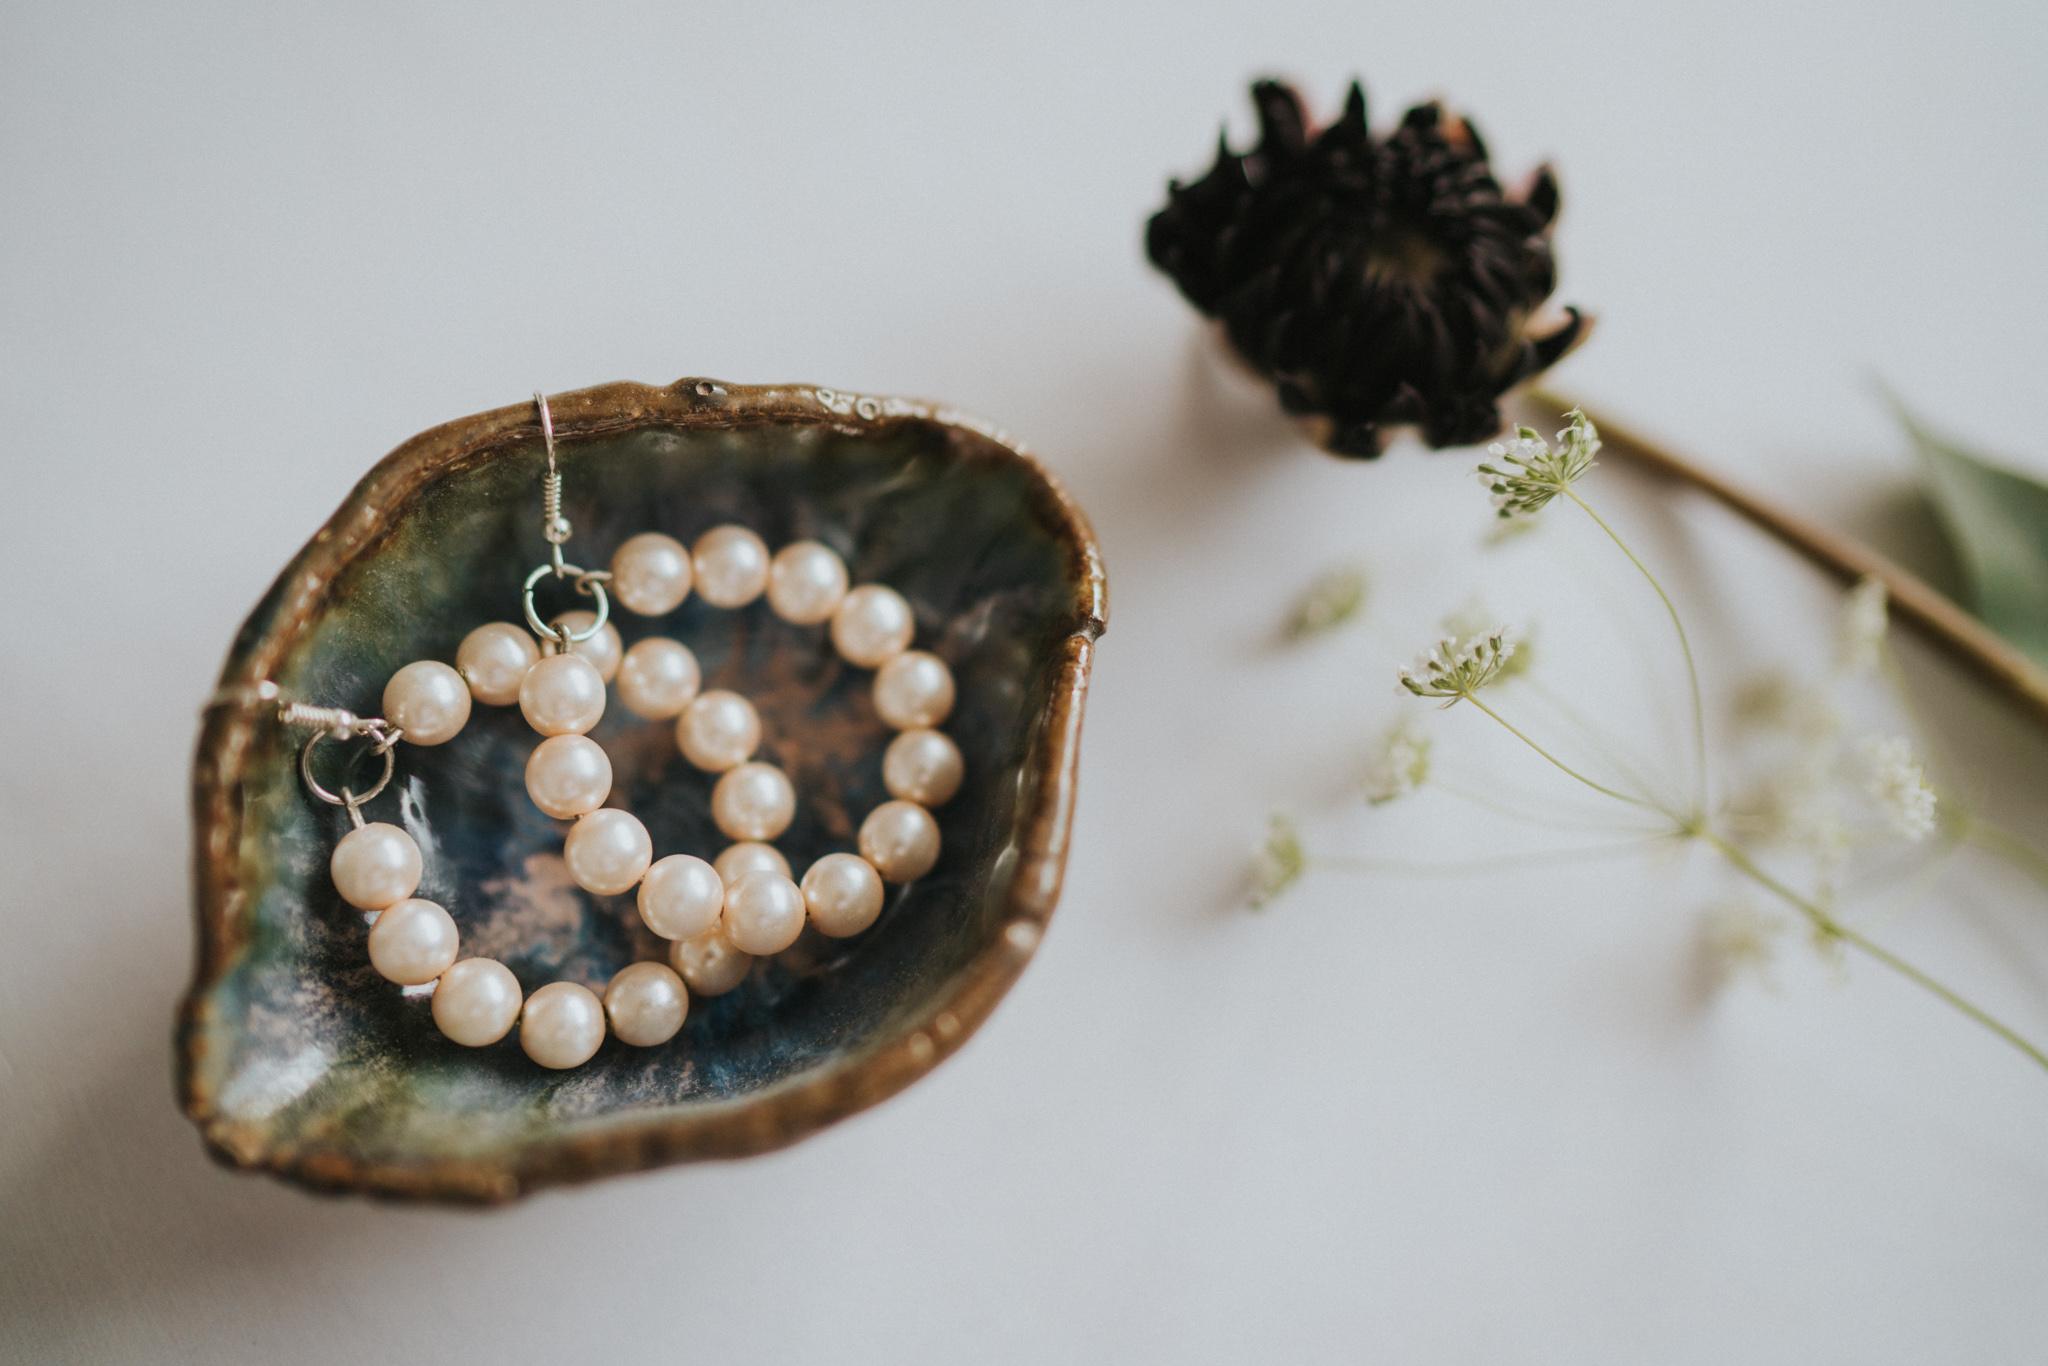 to-be-adorned-vintage-handmade-jewellery-grace-elizabeth-colchester-essex-alternative-wedding-lifestyle-photographer-essex-suffolk-norfolk-devon (5 of 8).jpg